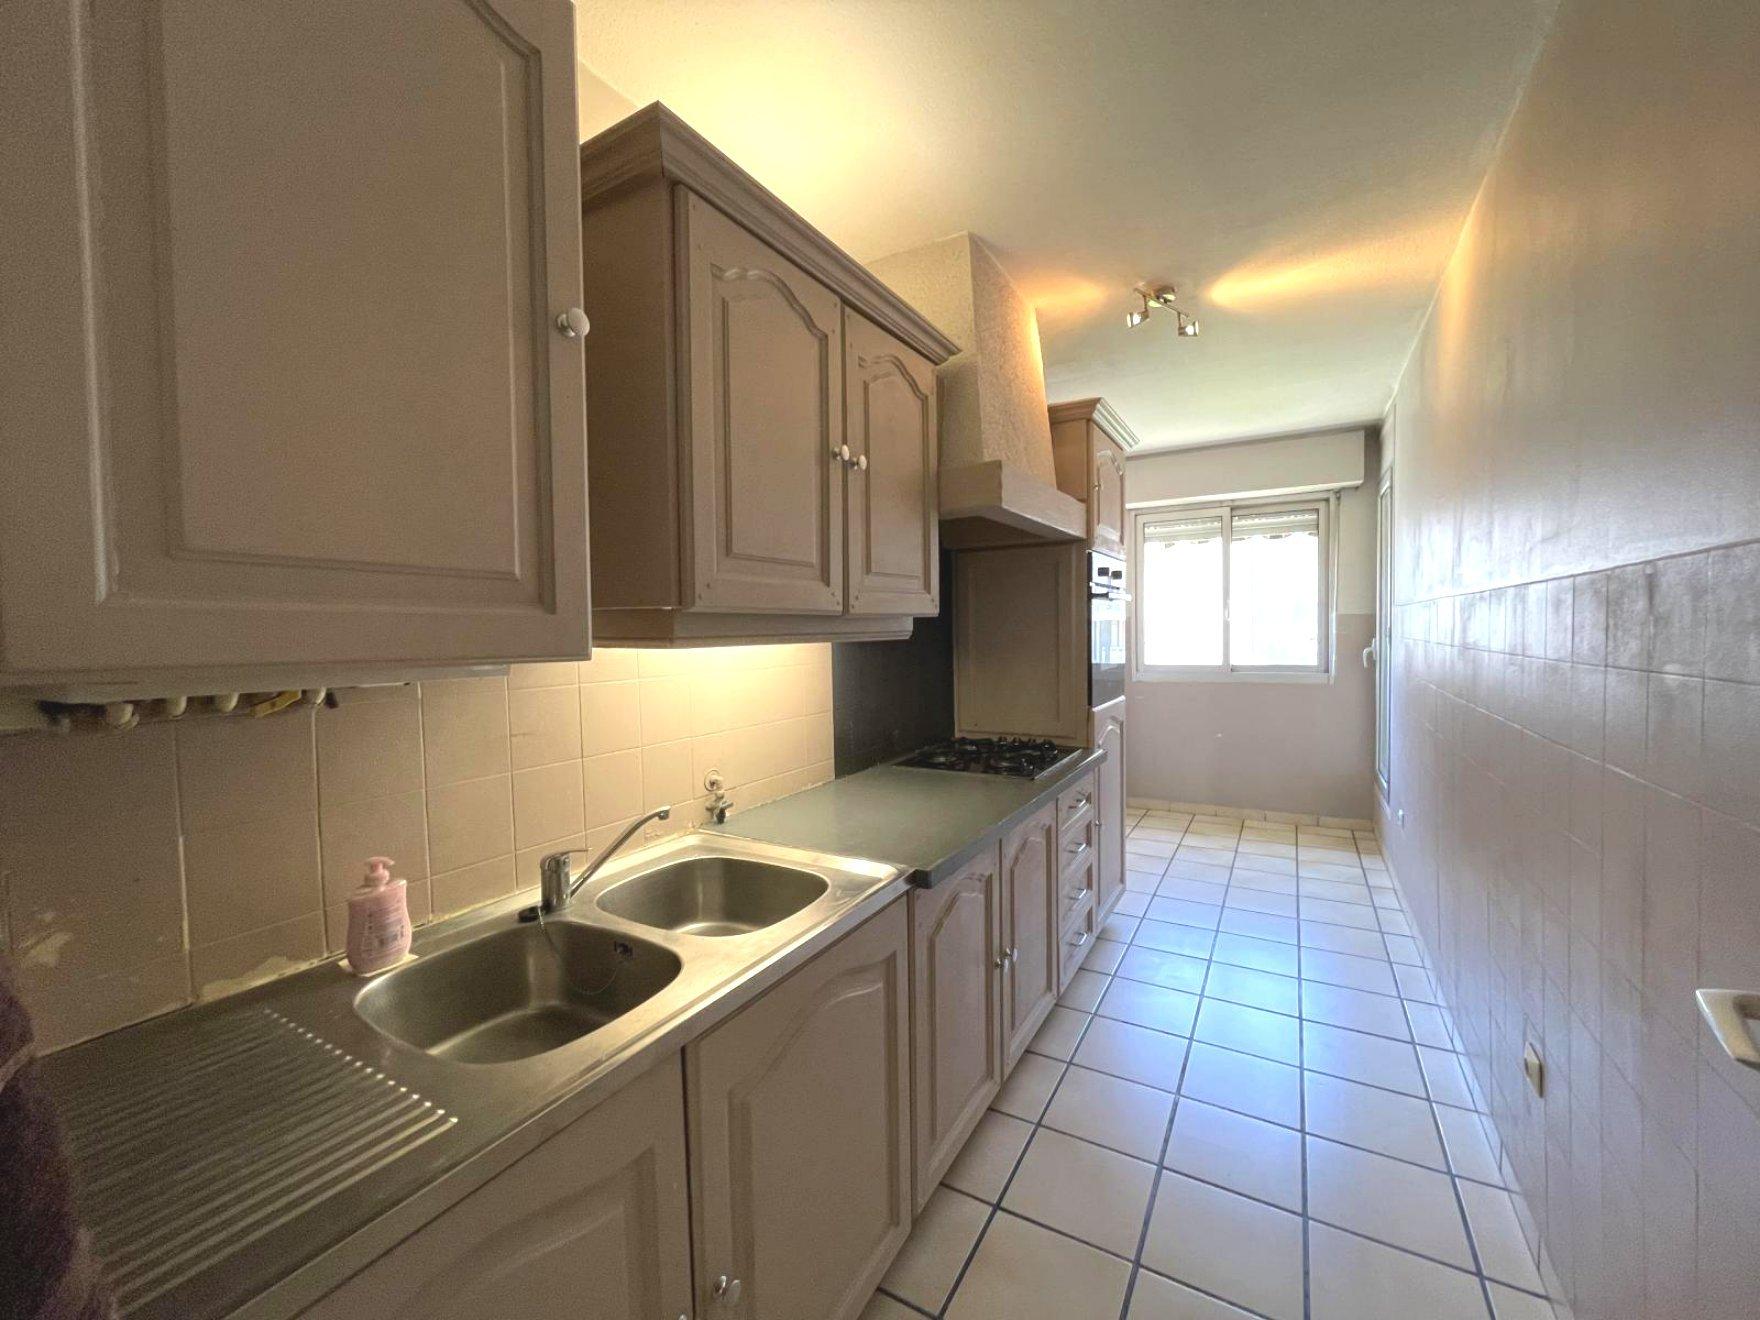 Appartement 4 pièces 80m2 - Riquier